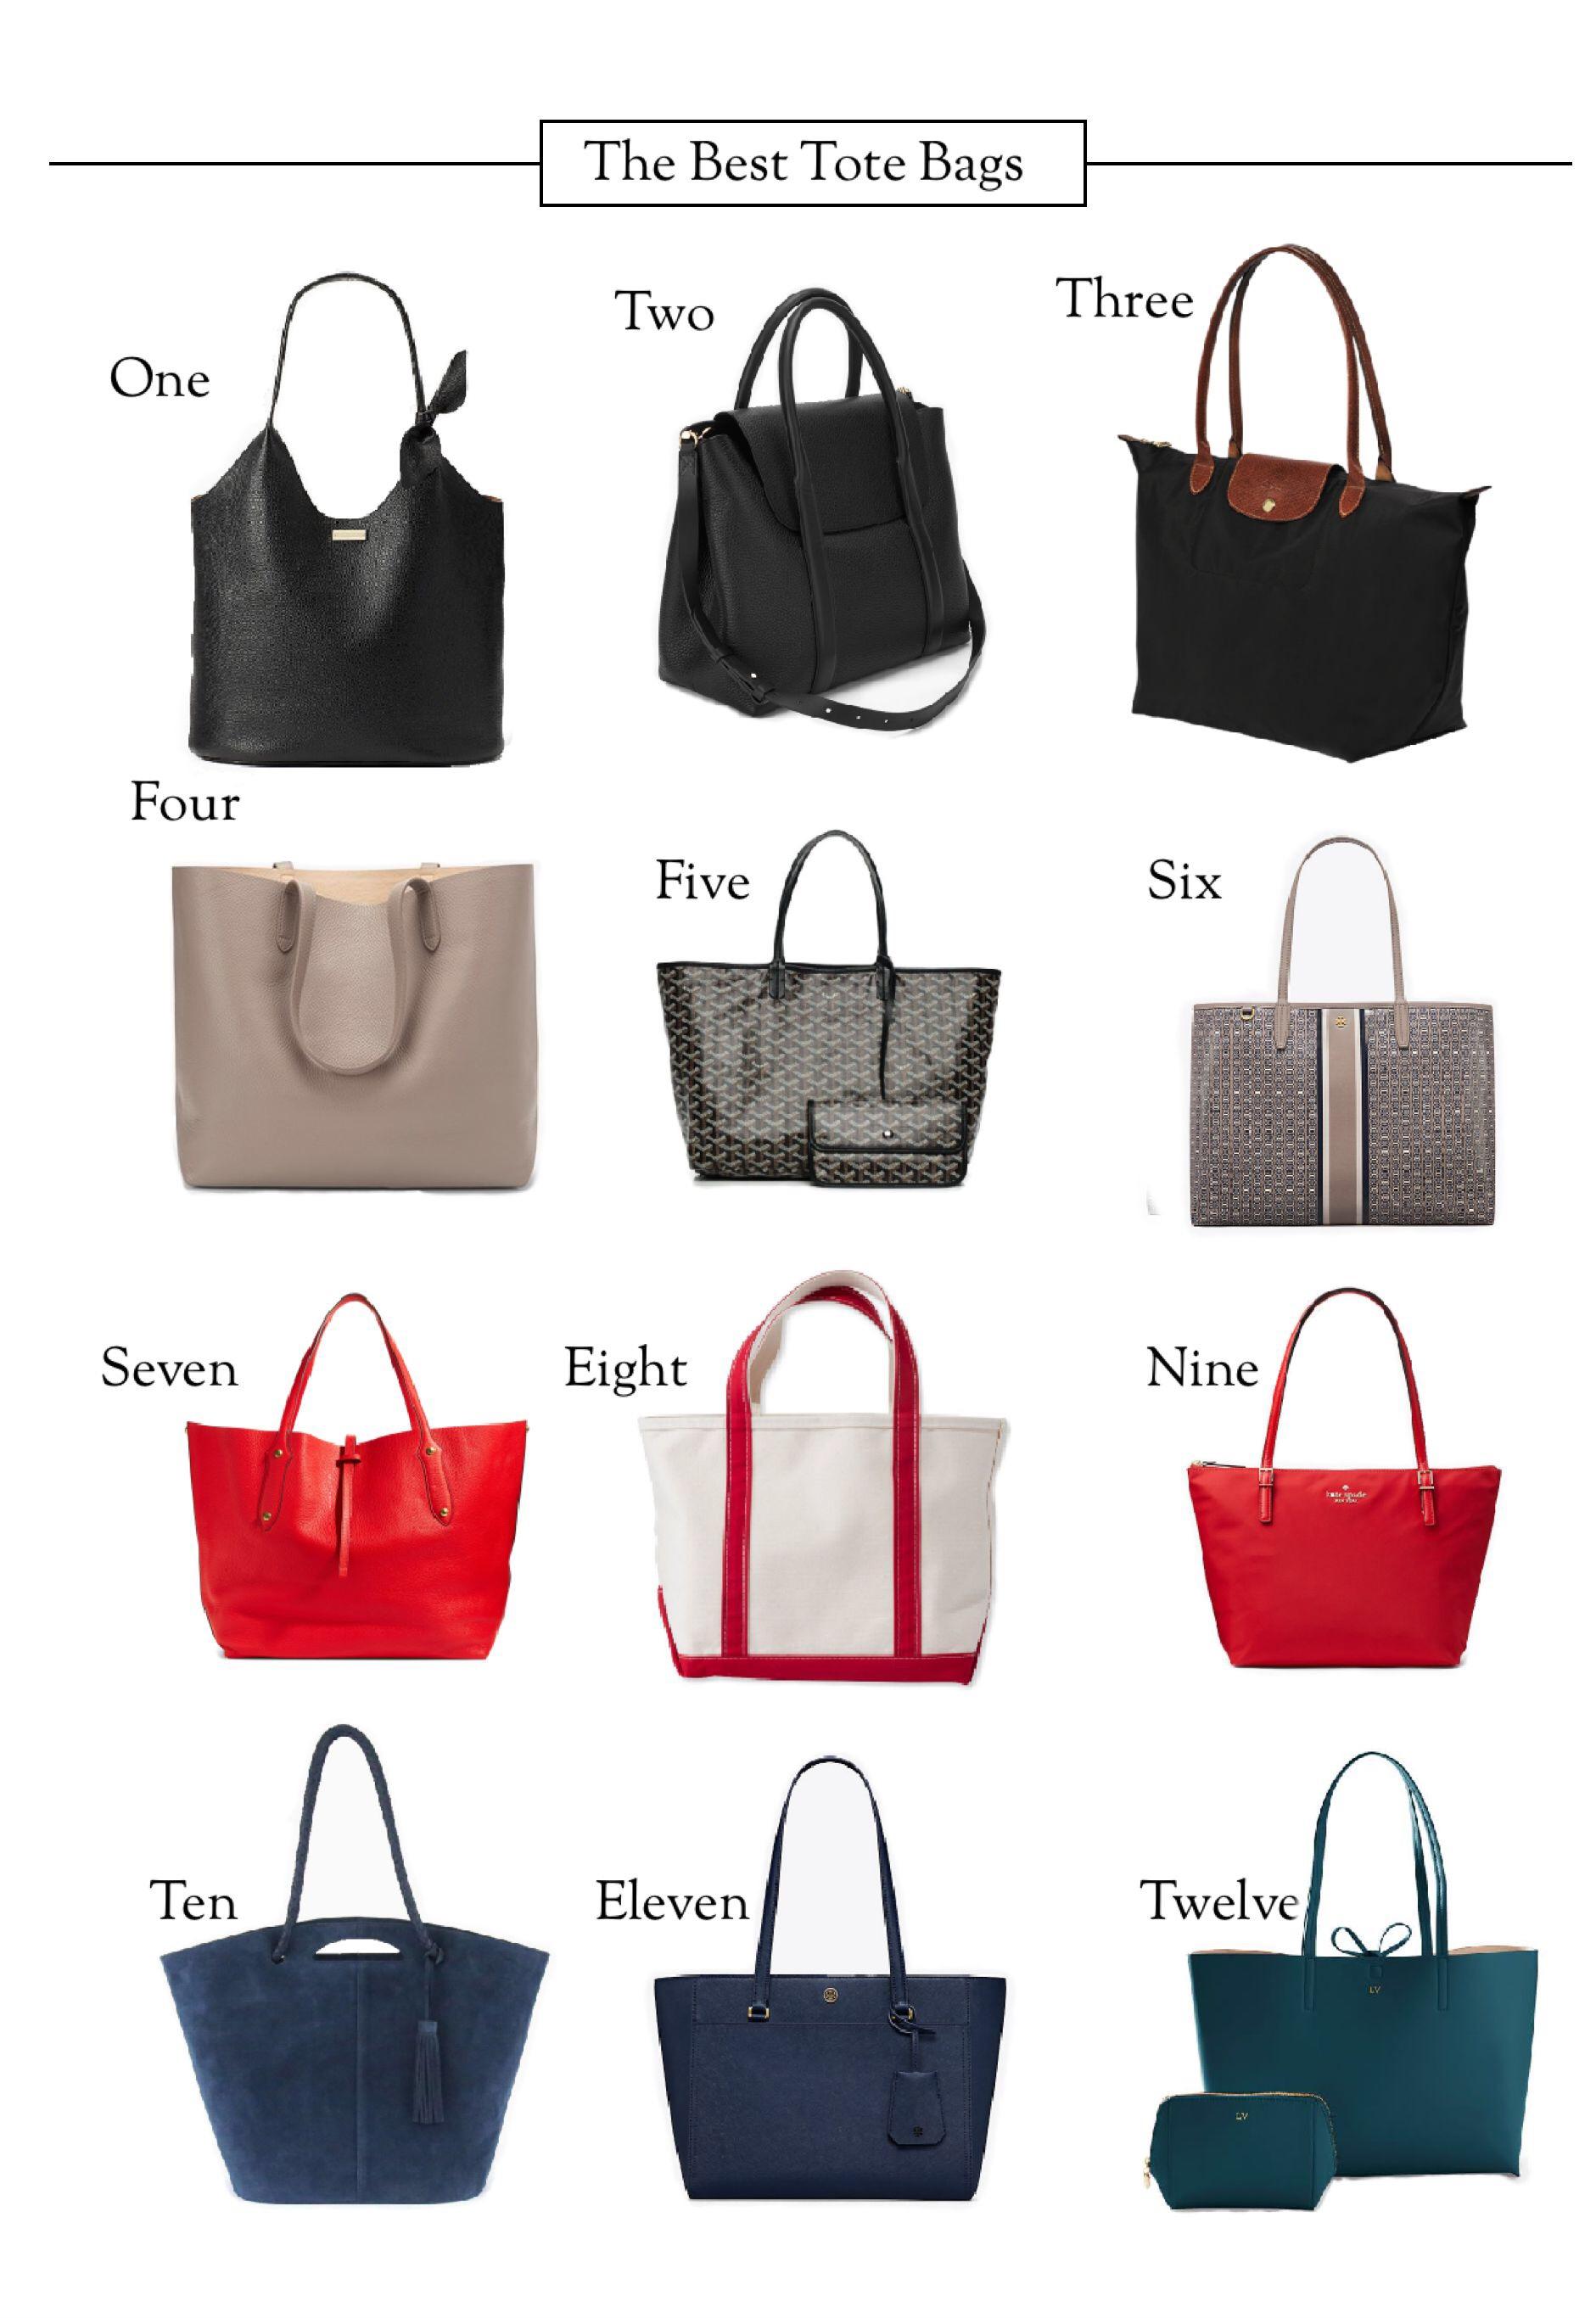 The Twelve Best Tote Bags